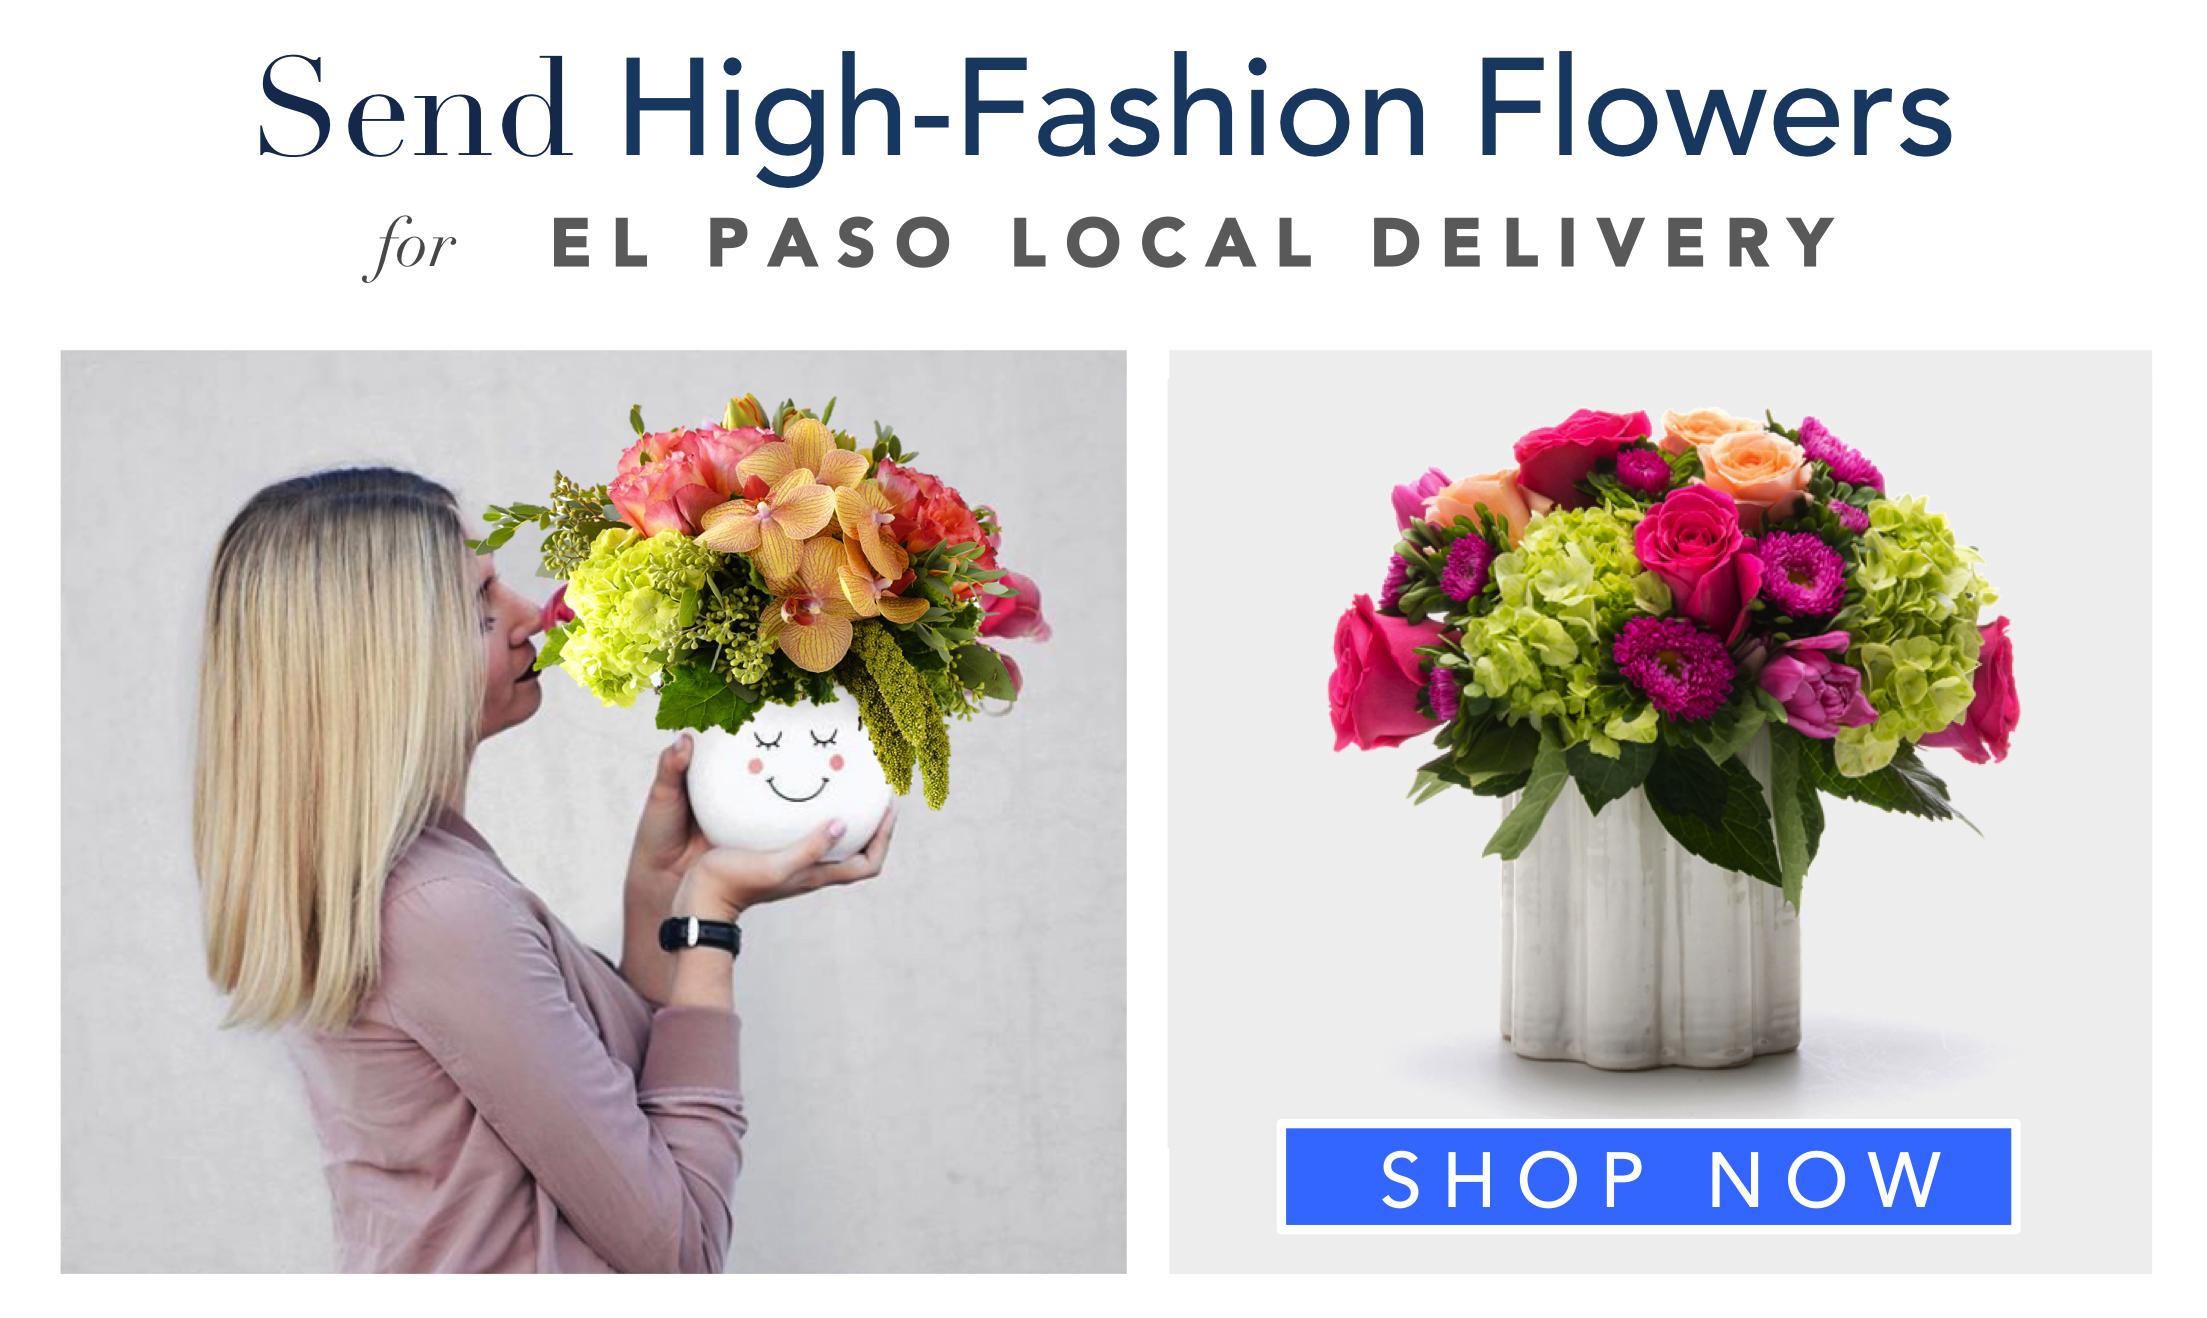 angies-floral-designs-1-el-paso-weddings-el-paso-florist-flowershop-79912-angies-flower-el-paso-texas-flowershop-roses-wedding-events-.png